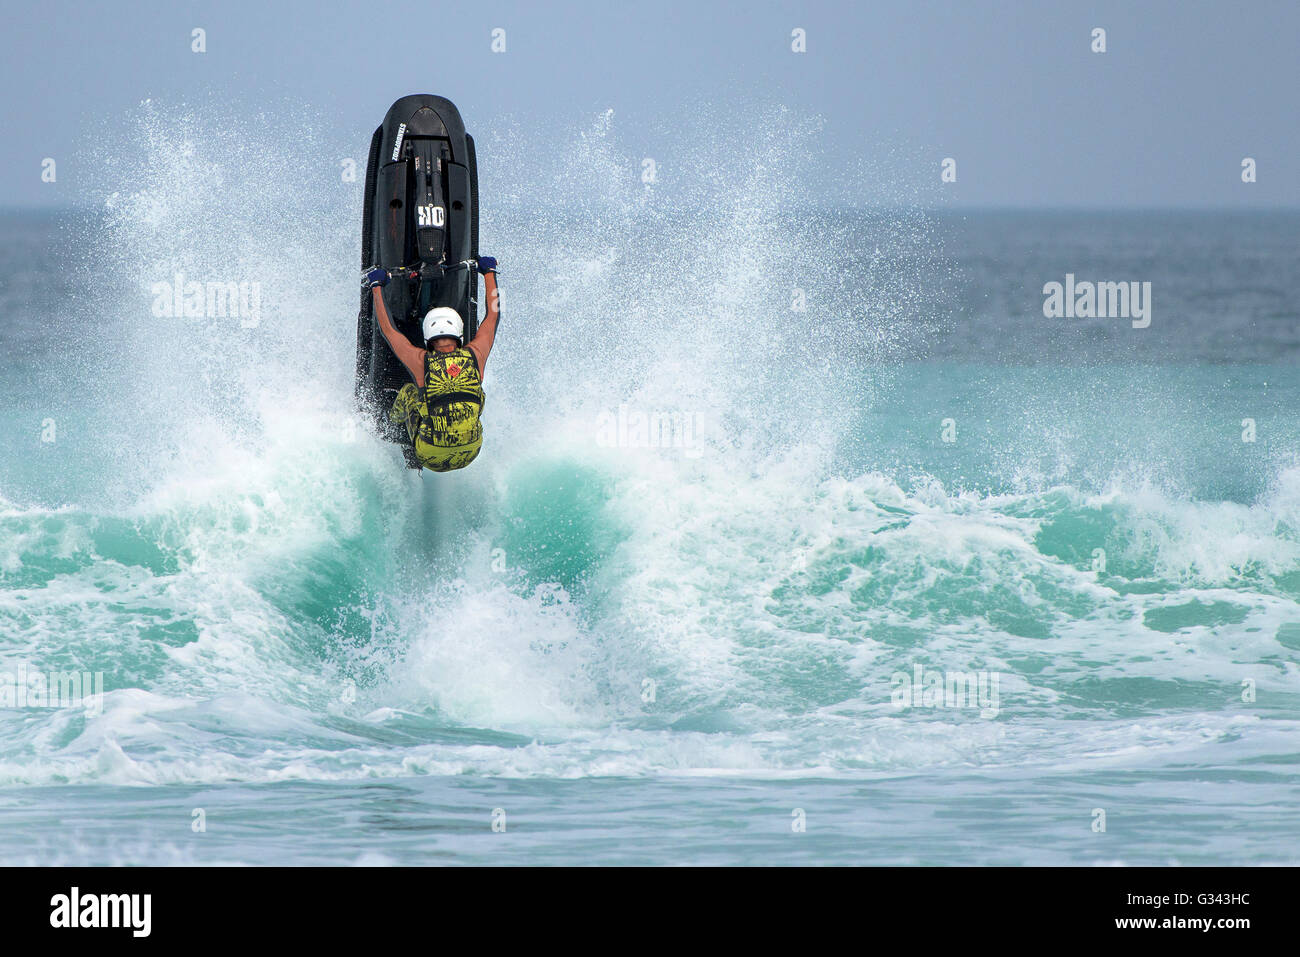 Spettacolare azione acrobatica forniti dai concorrenti al IFWA jetski campionato a Fistral, Newquay in Cornovaglia. Immagini Stock